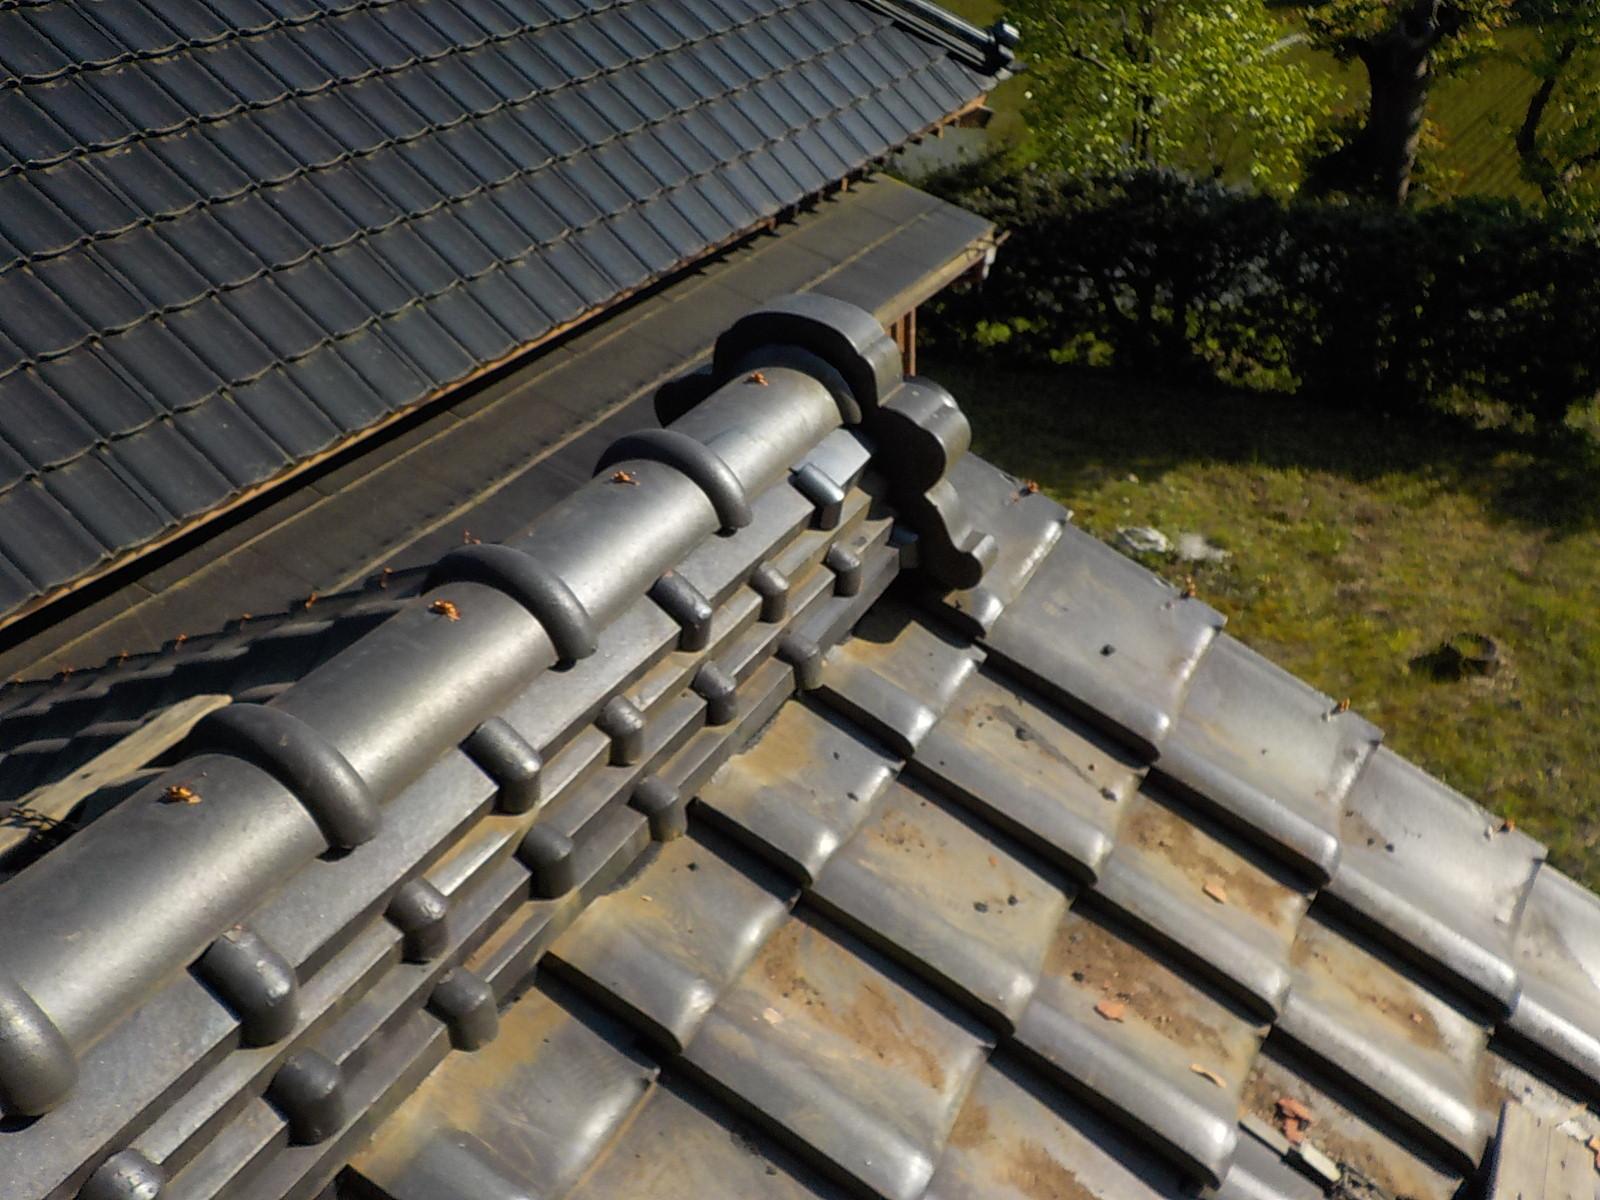 地震や雨漏りに強い棟瓦の完成。災害に強い屋根